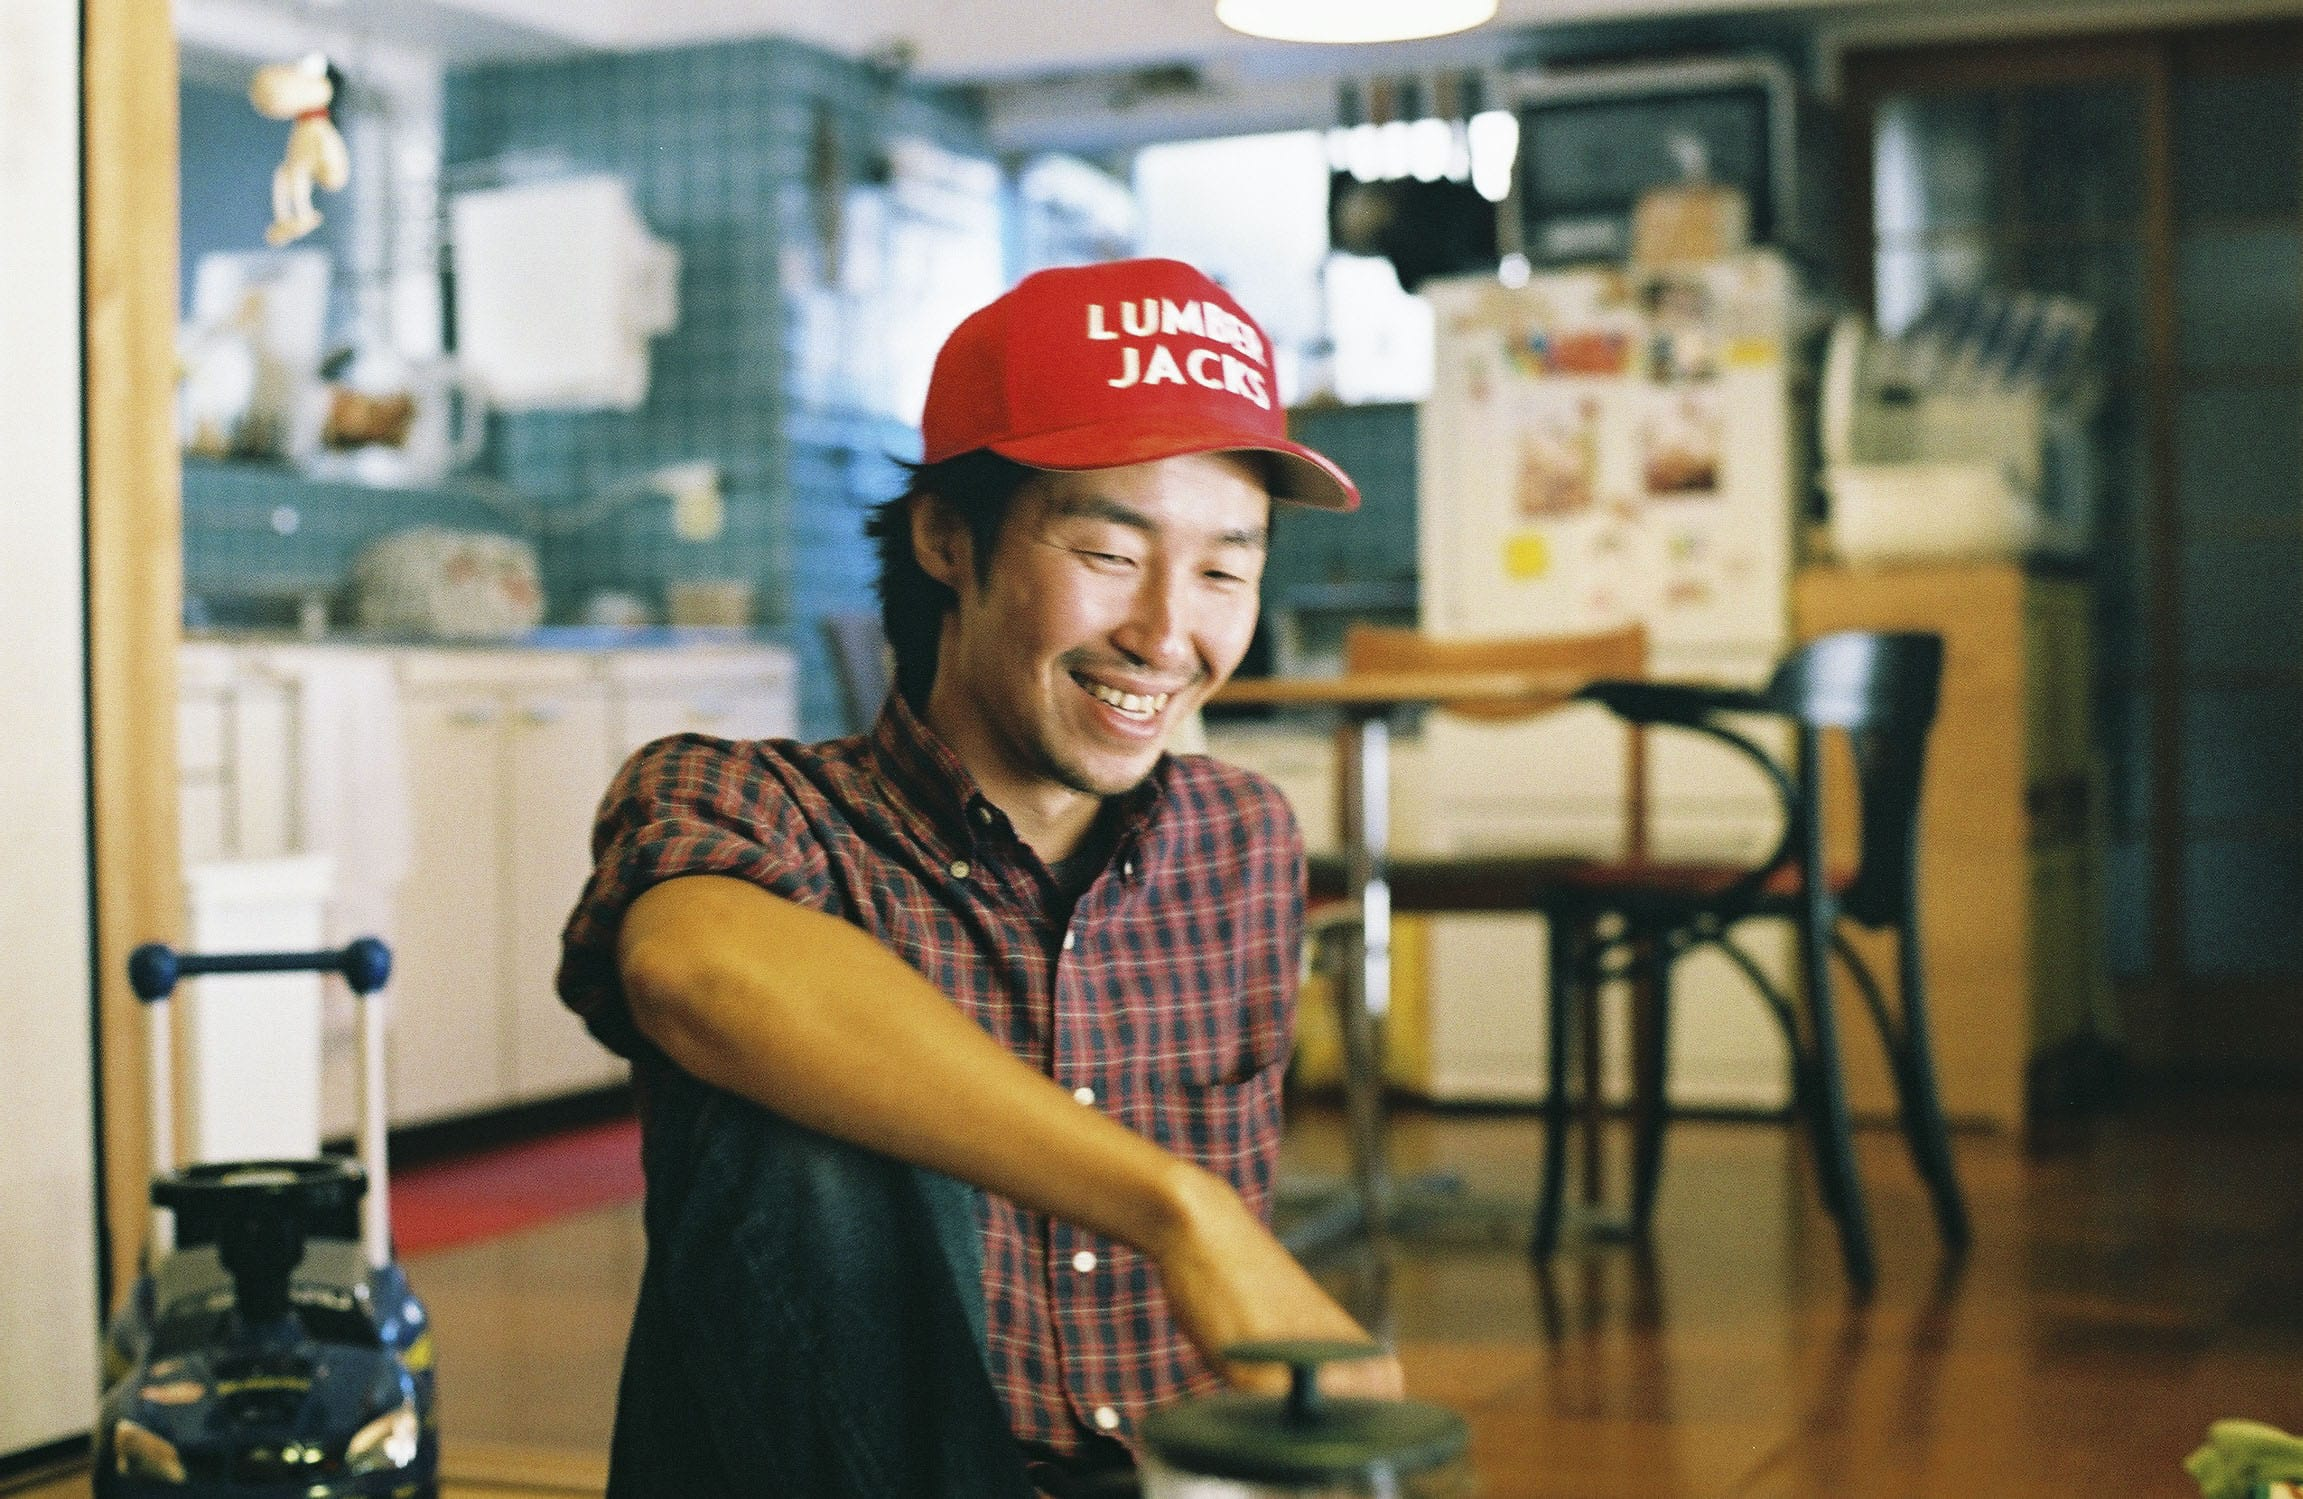 菅野大門さんが移住してきたことで、「クリエイティブビレッジ構想」が生まれた。坂本さんとともに「OFFICE CAMP」の共同運営者でもある。